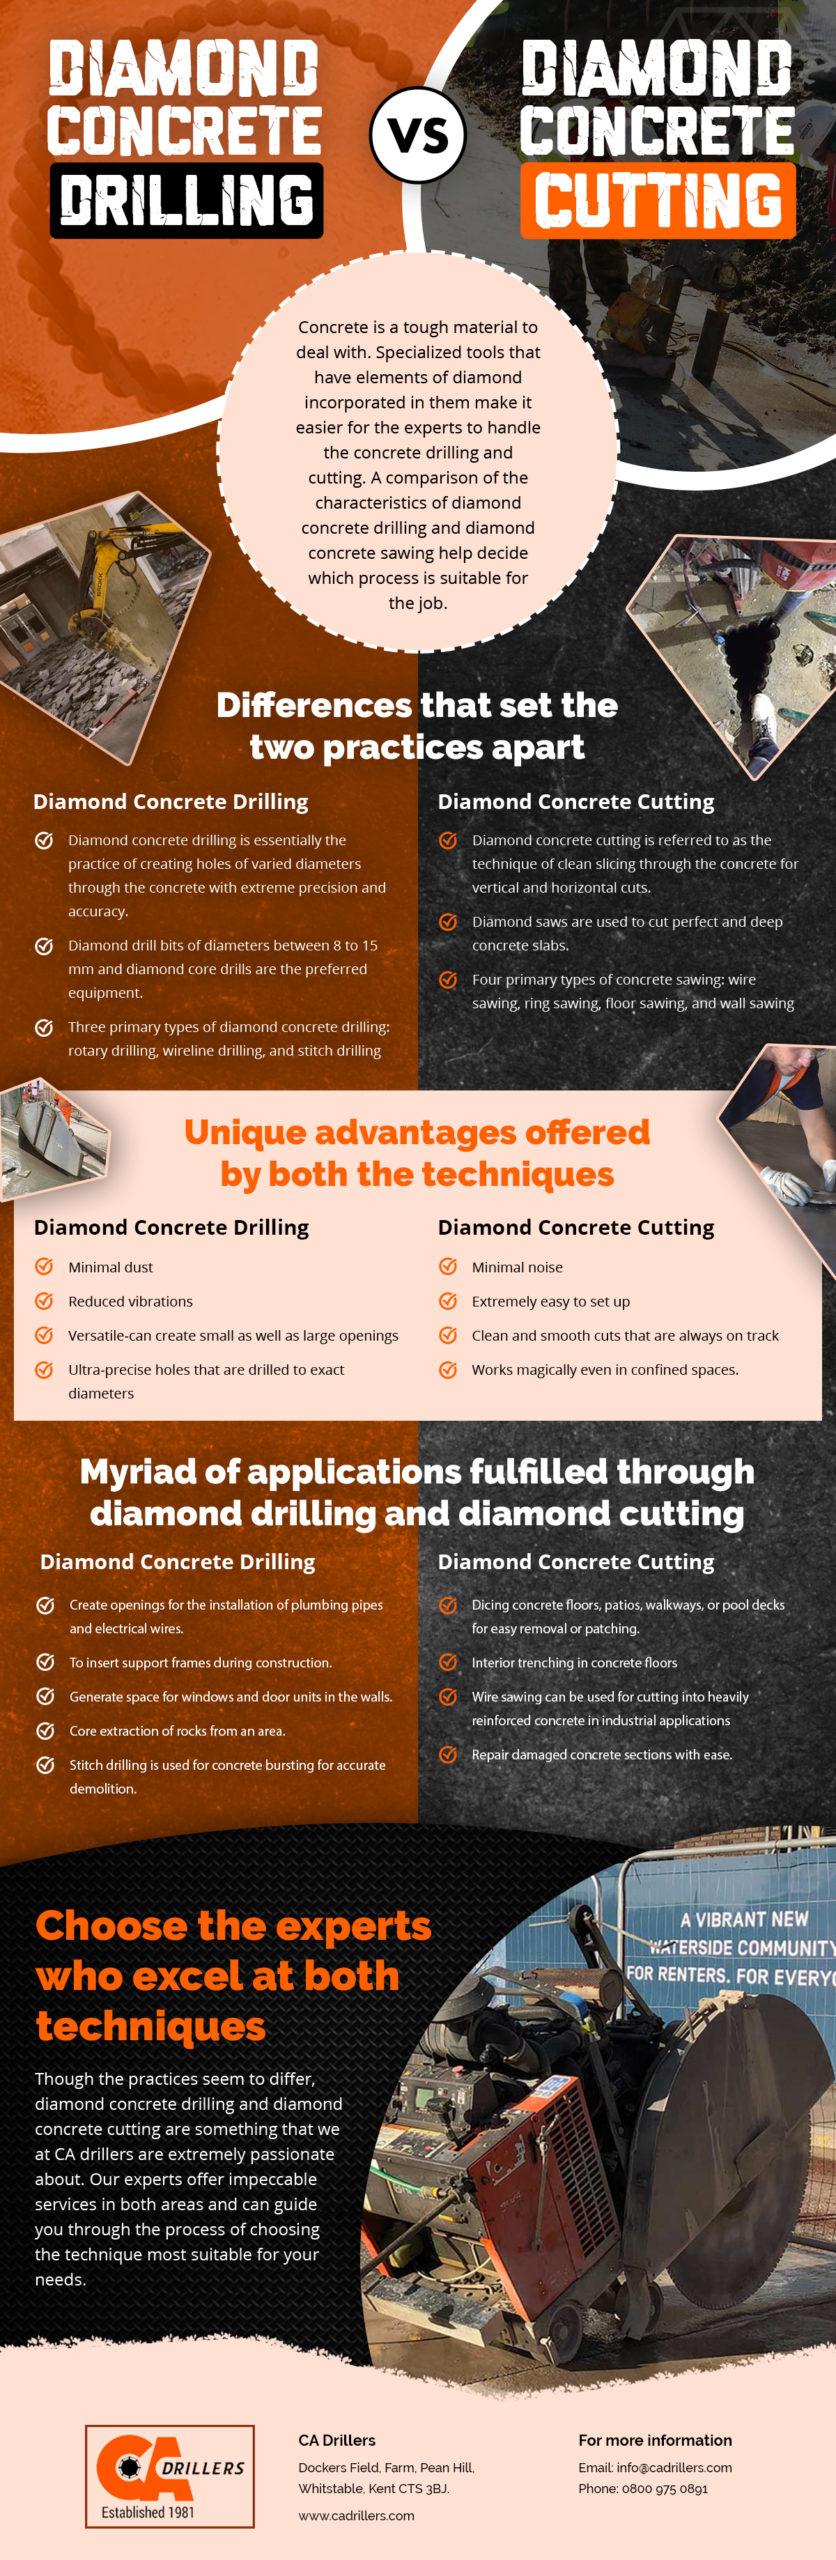 Diamond Concrete Drilling vs Diamond Concrete Cutting